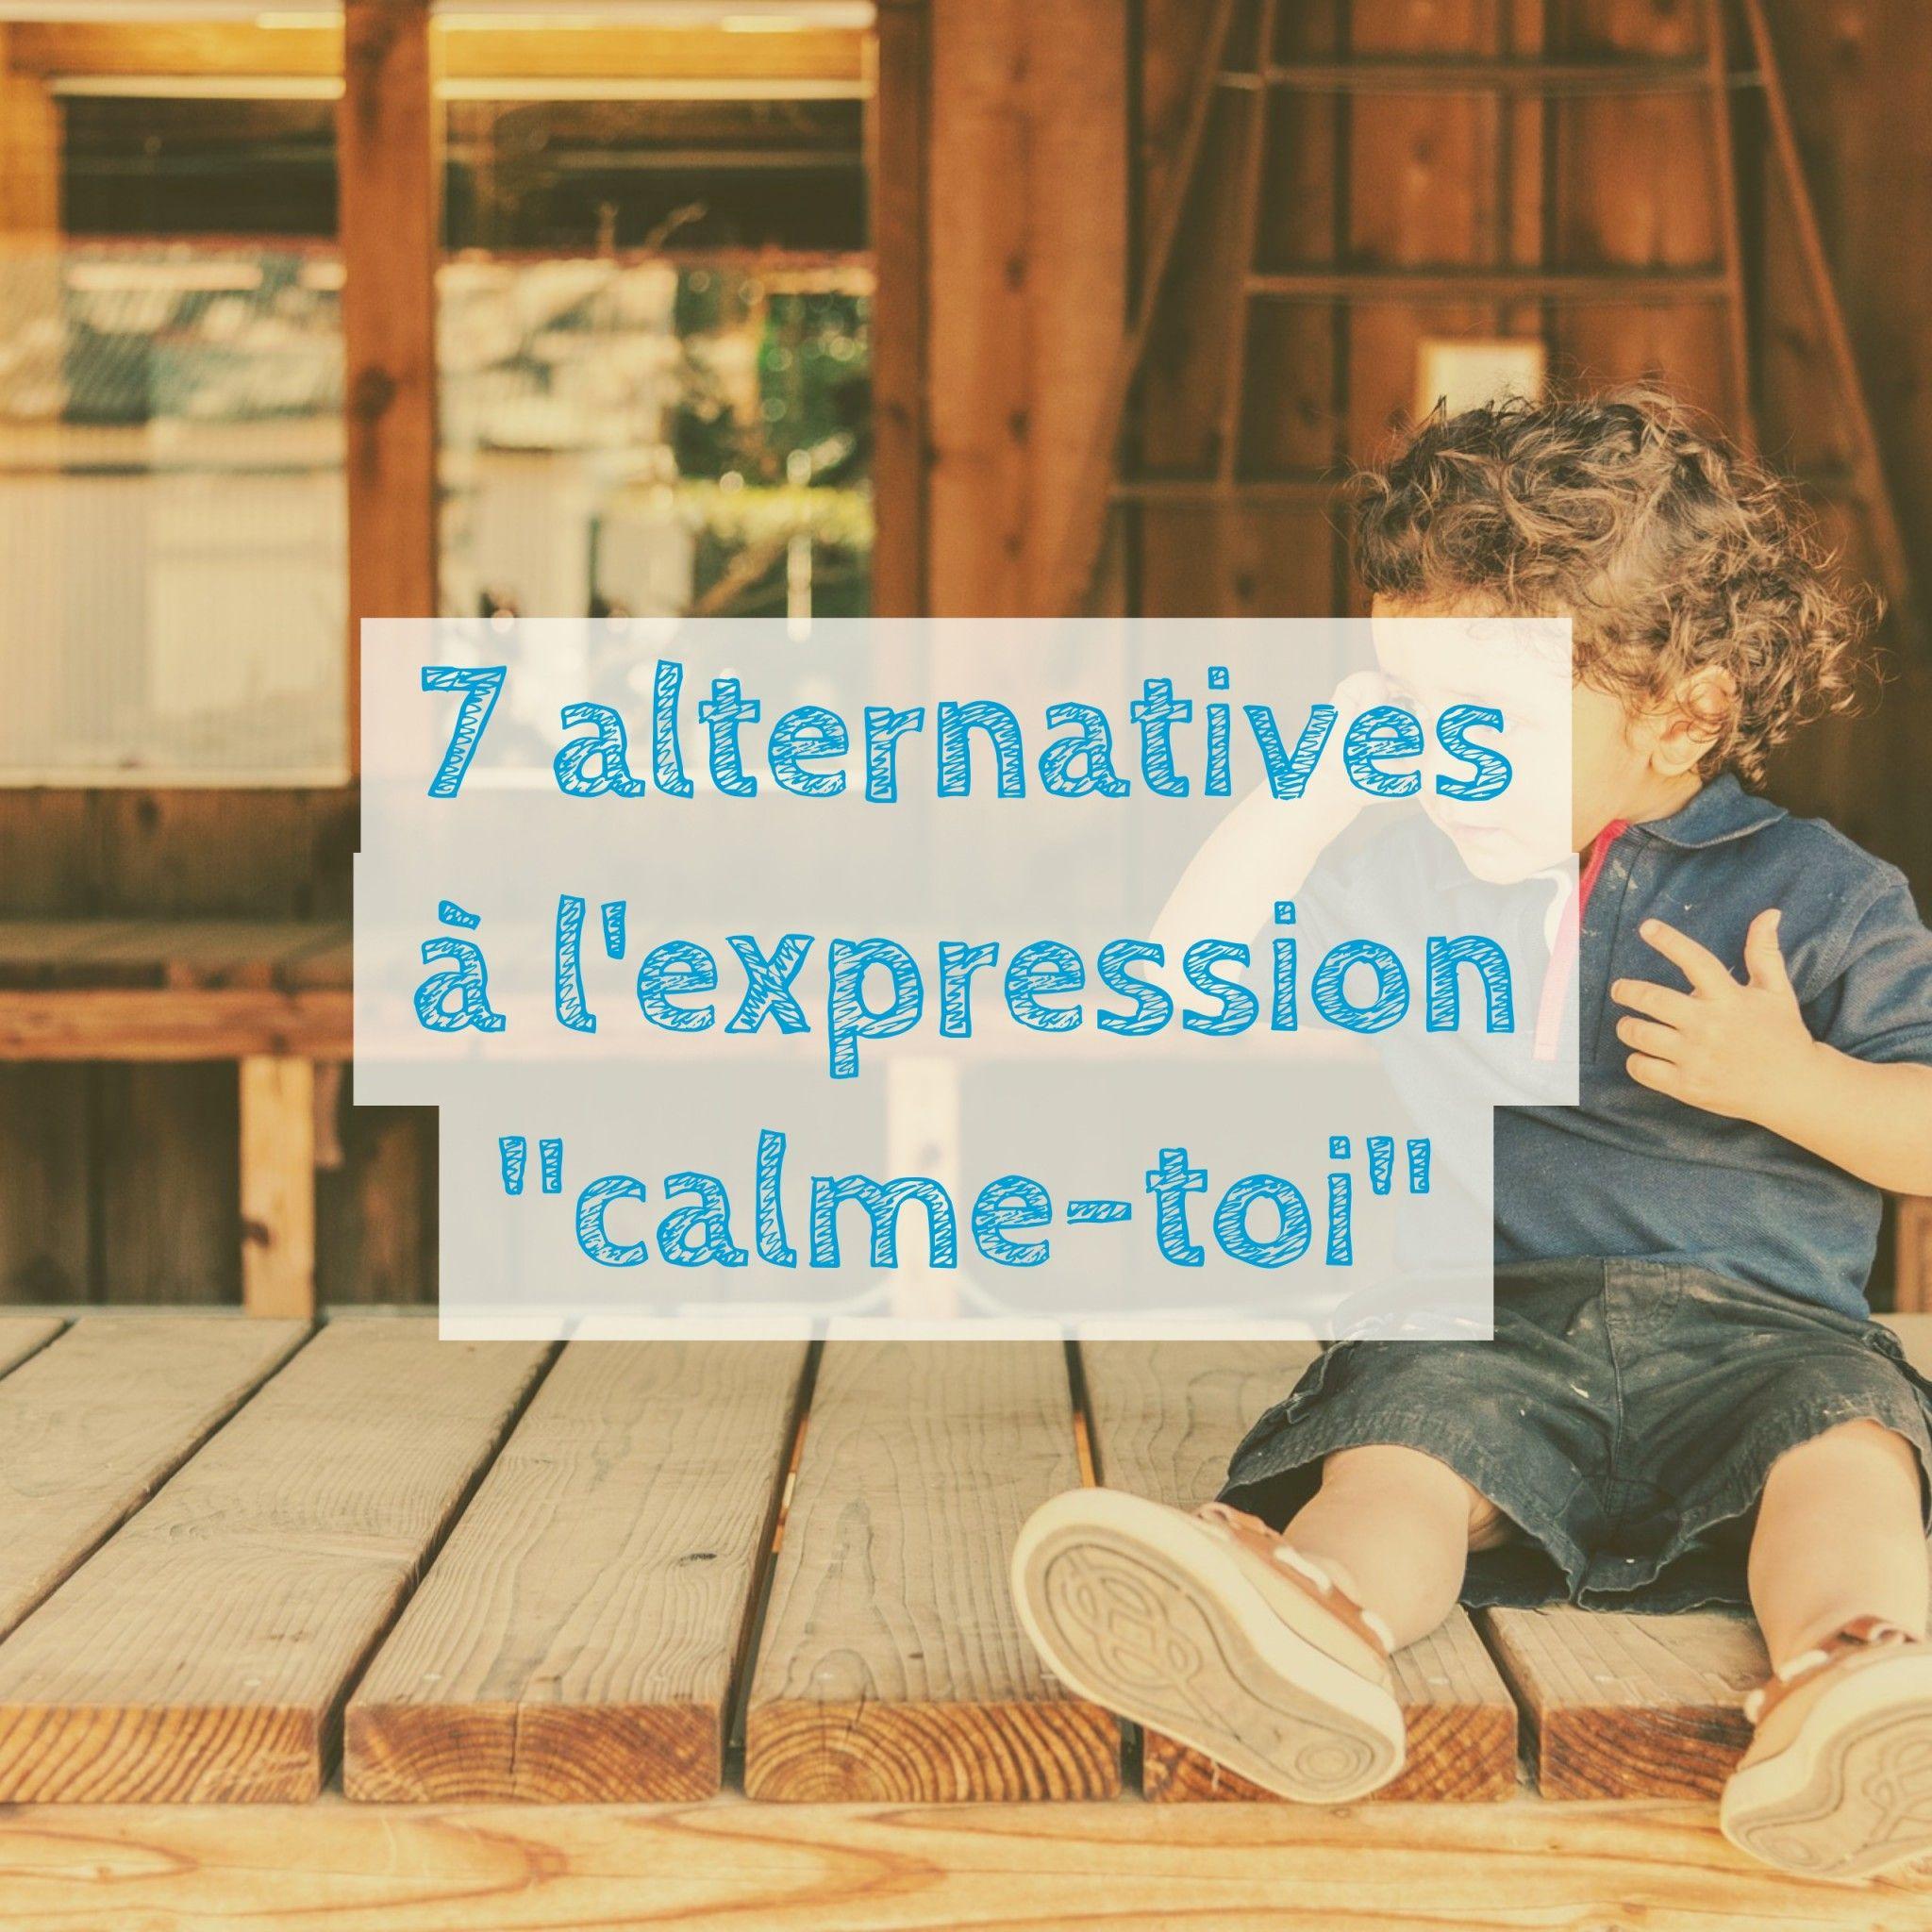 Voici 7 alternatives à l'expression